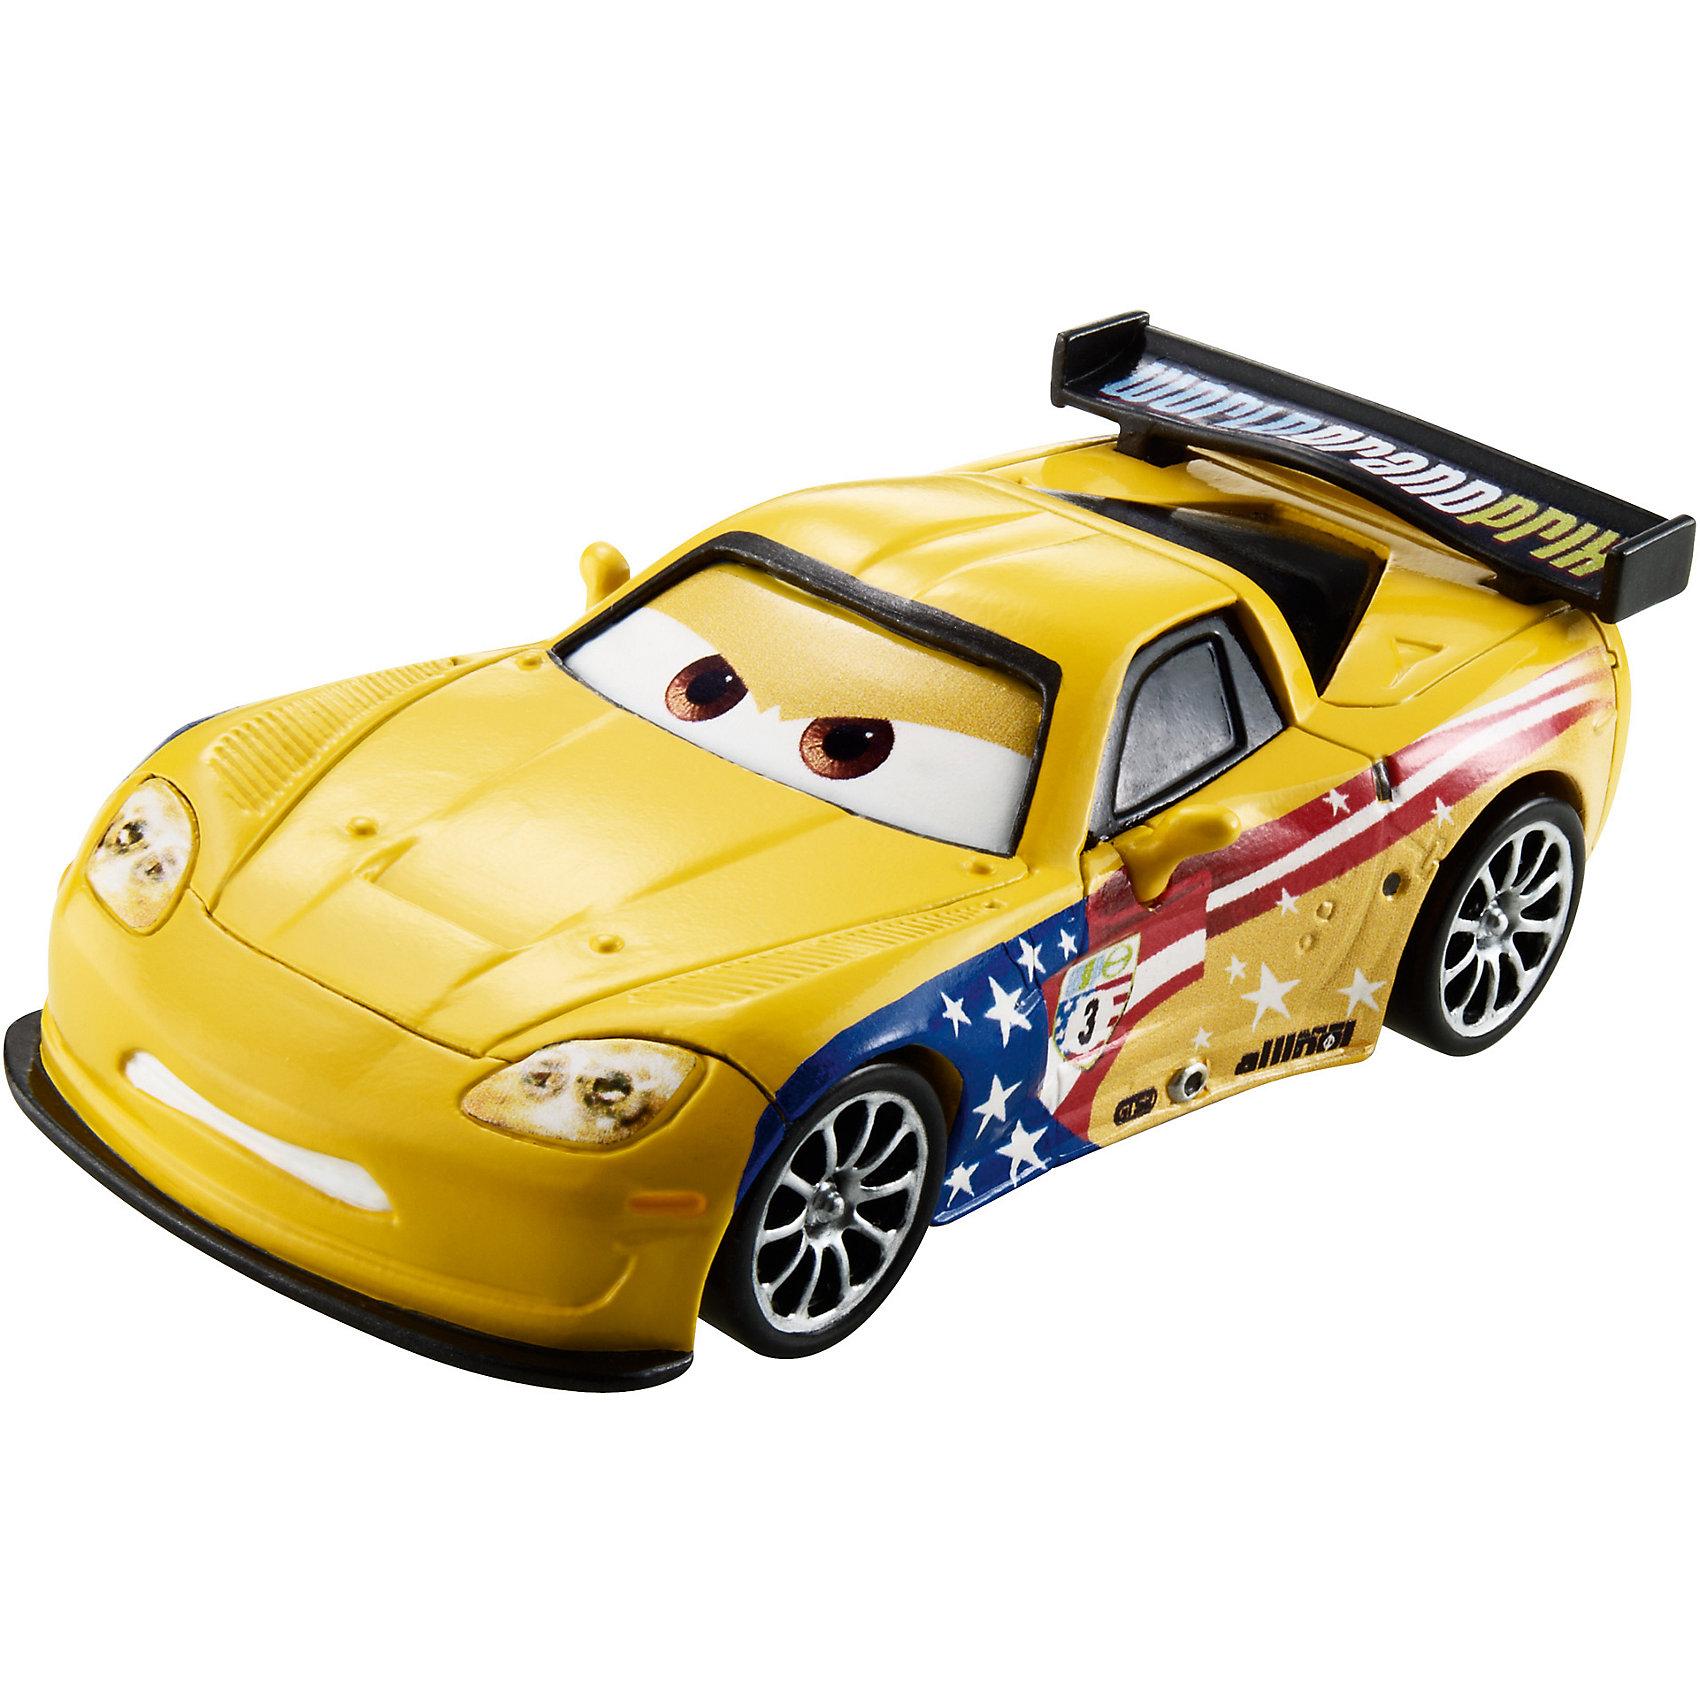 Литая машинка, Тачки-2Литая машинка Делюкс от компании «Mattel» выполнена в виде главного персонажа мультфильма «Тачки 2». Изготовленная из металла в масштабе 1:55 игрушка отличается высокой степенью детализации и качеством исполнения. Завладев несколькими моделями, малыш сможет окунуться в любимый мультипликационный мир, устроить красочные показательные выступления среди машинок-киногероев.<br><br>Дополнительная информация:<br><br>- Материал: металл<br>- В упаковке: 1 шт.<br>- Размер машинки: 8 см.<br><br>Литую машинку, Тачки-2 можно купить в нашем магазине.<br><br>Ширина мм: 135<br>Глубина мм: 45<br>Высота мм: 160<br>Вес г: 80<br>Возраст от месяцев: 36<br>Возраст до месяцев: 72<br>Пол: Мужской<br>Возраст: Детский<br>SKU: 5015782